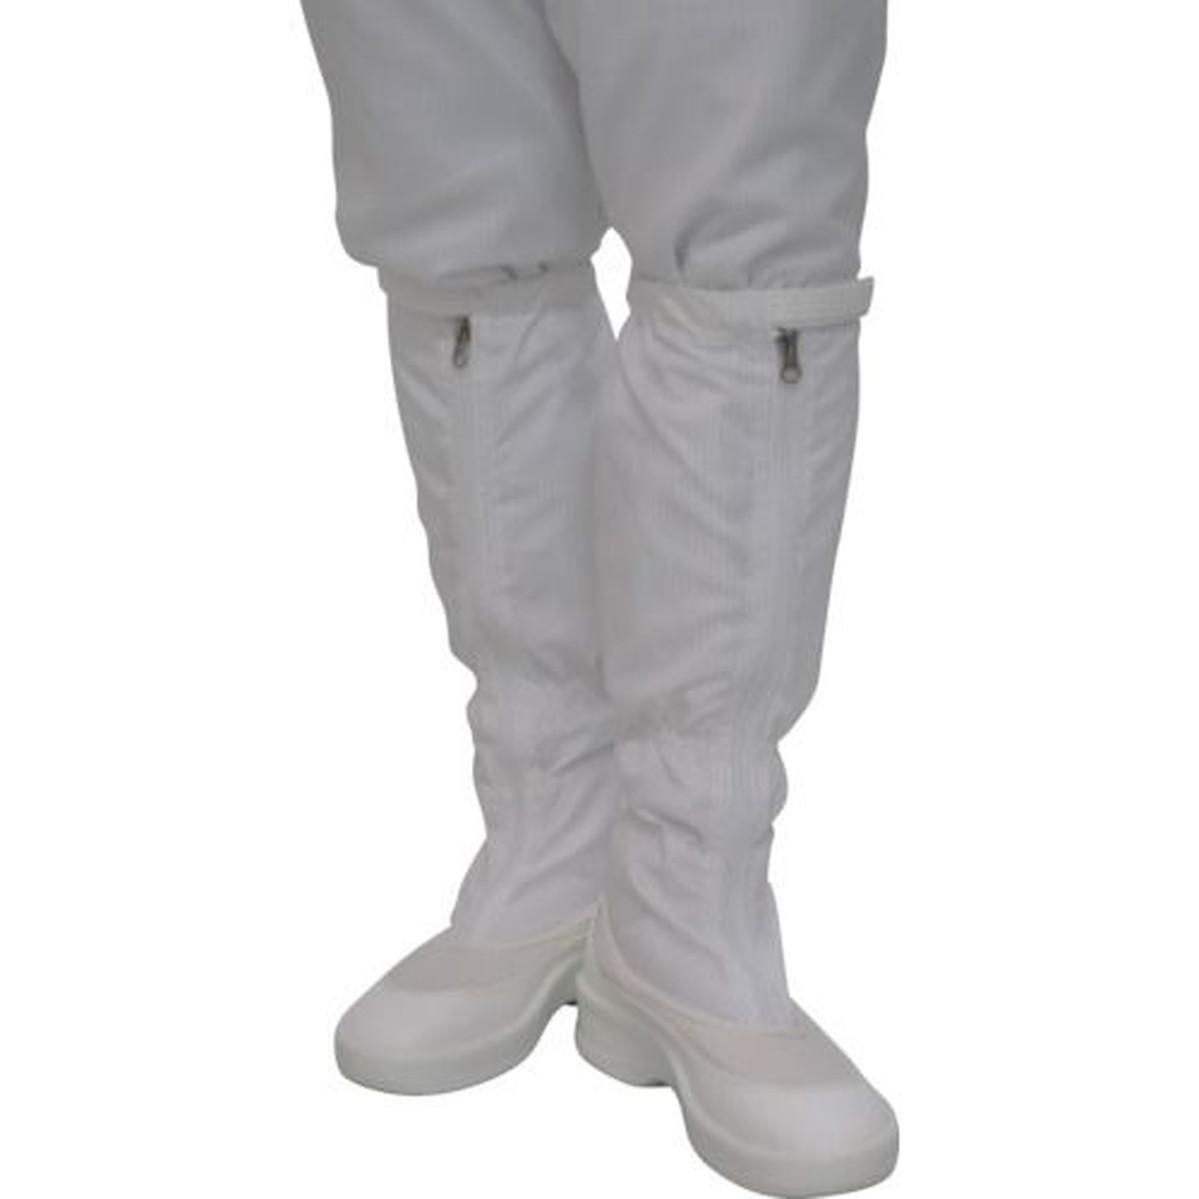 あす楽対応 DIY用品 ゴールドウイン ファスナー付ロングブーツ 1足 24.5cm 着後レビューで 送料無料 選択 ホワイト